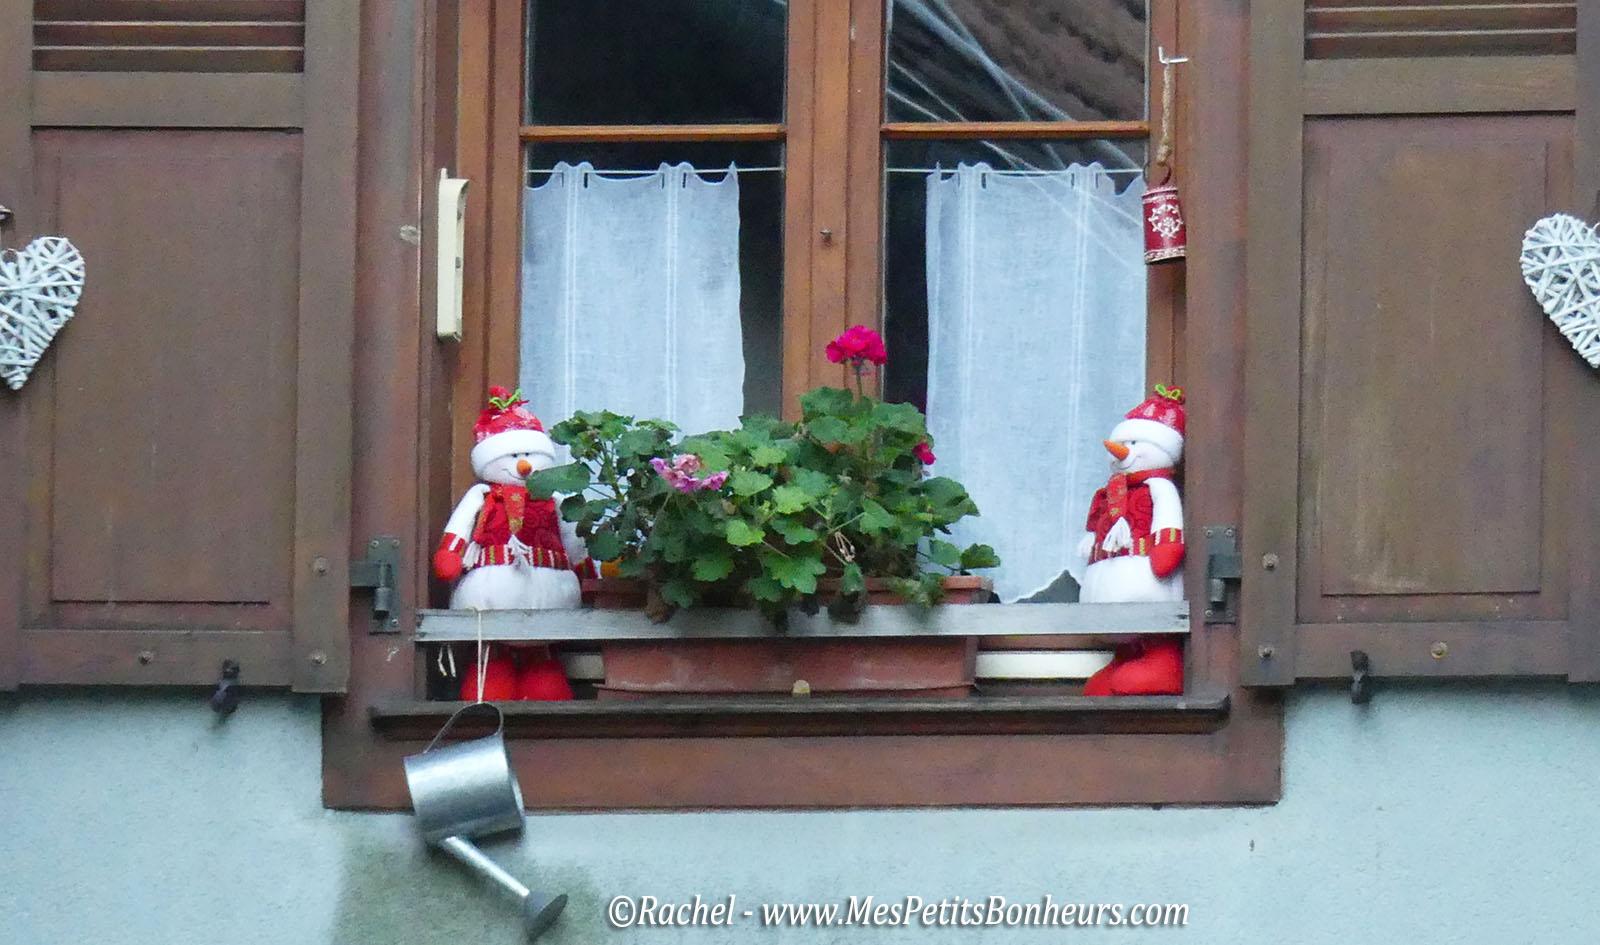 #3C758F Balade De Noël En Alsace Sur Le Chemin Des Crèches De Bergheim 6423 décoration noel fenetre fabriquer 1600x945 px @ aertt.com